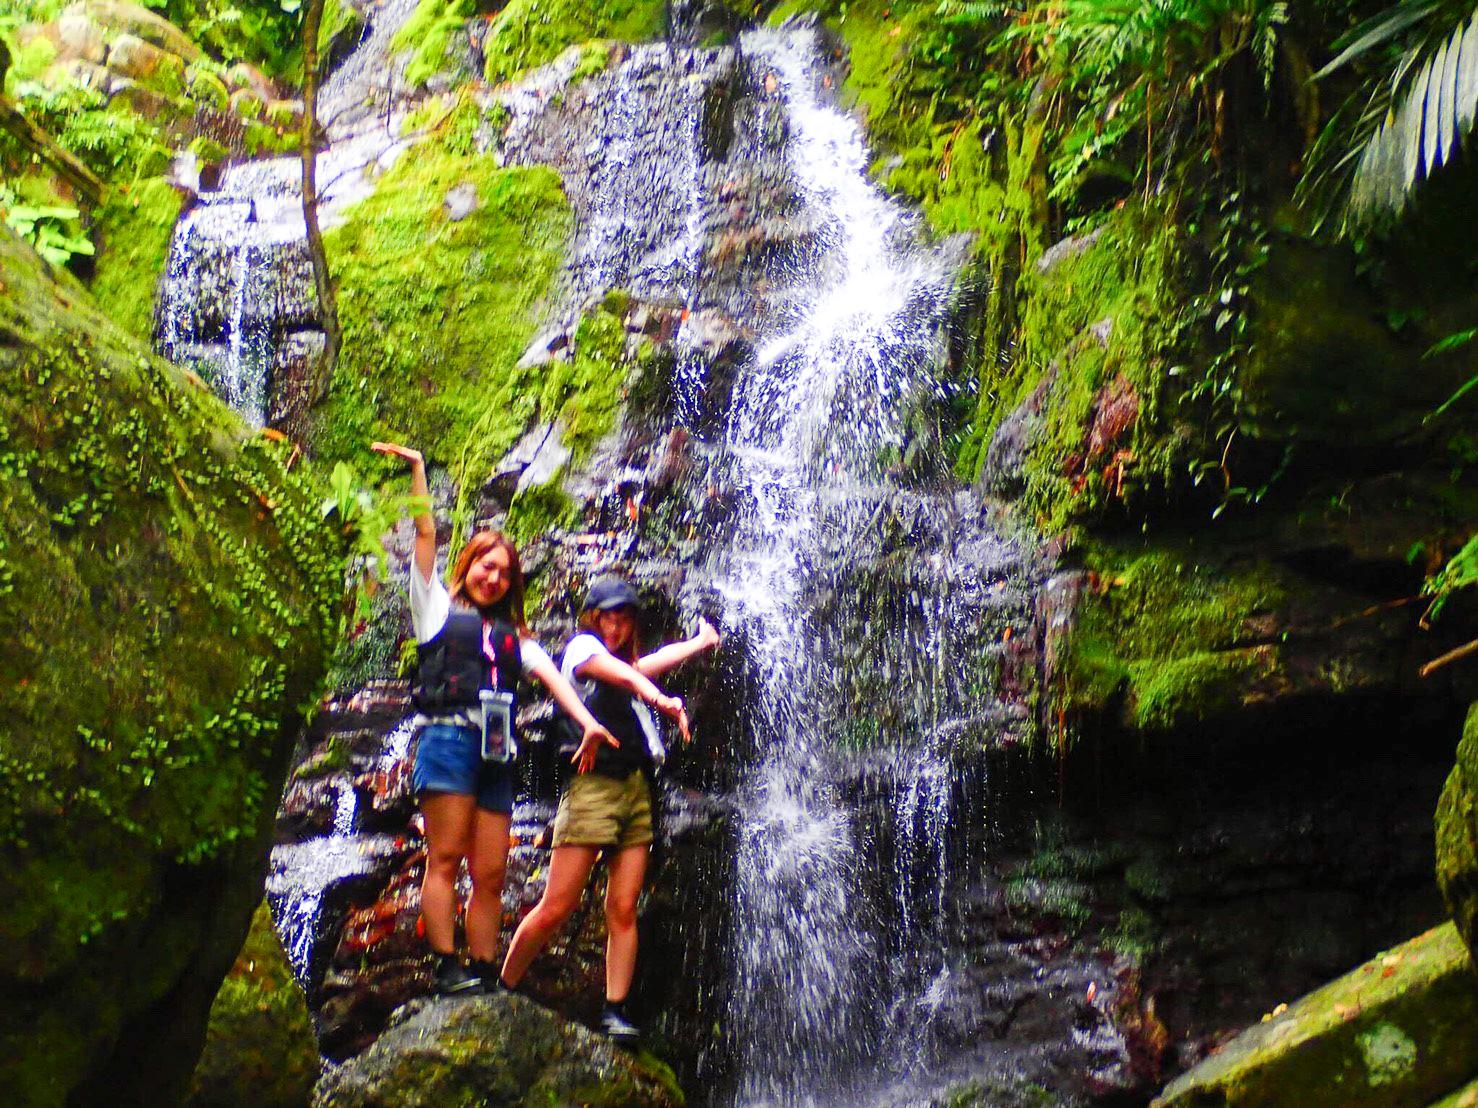 石垣島の滝を満喫